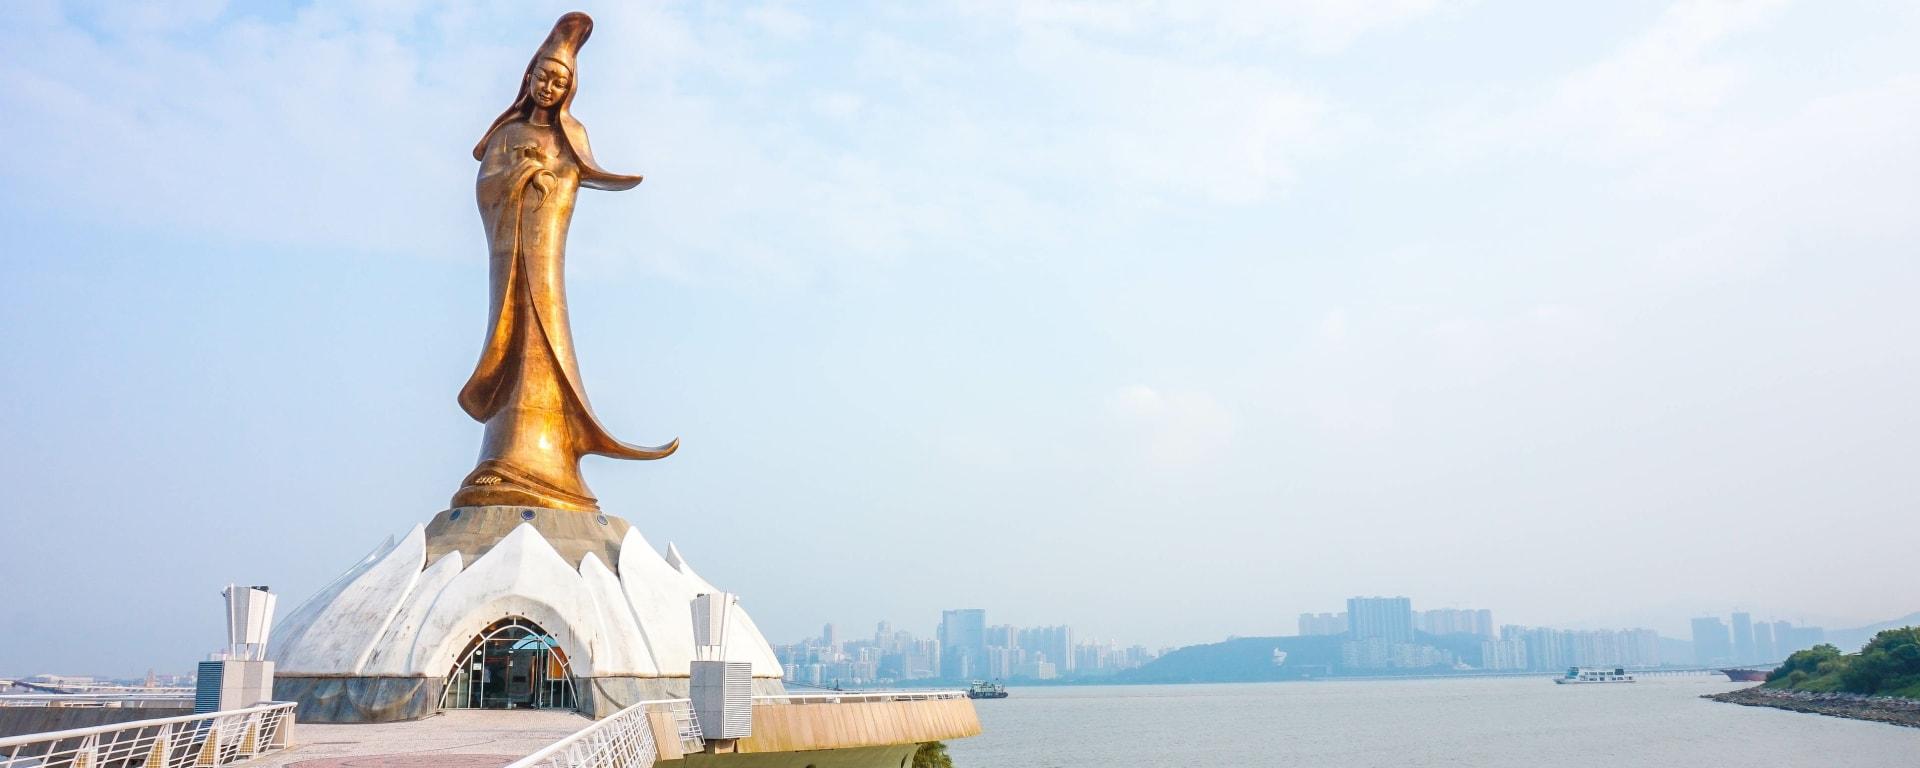 Macau entdecken mit Tischler Reisen: Macau Statue Kun Lam